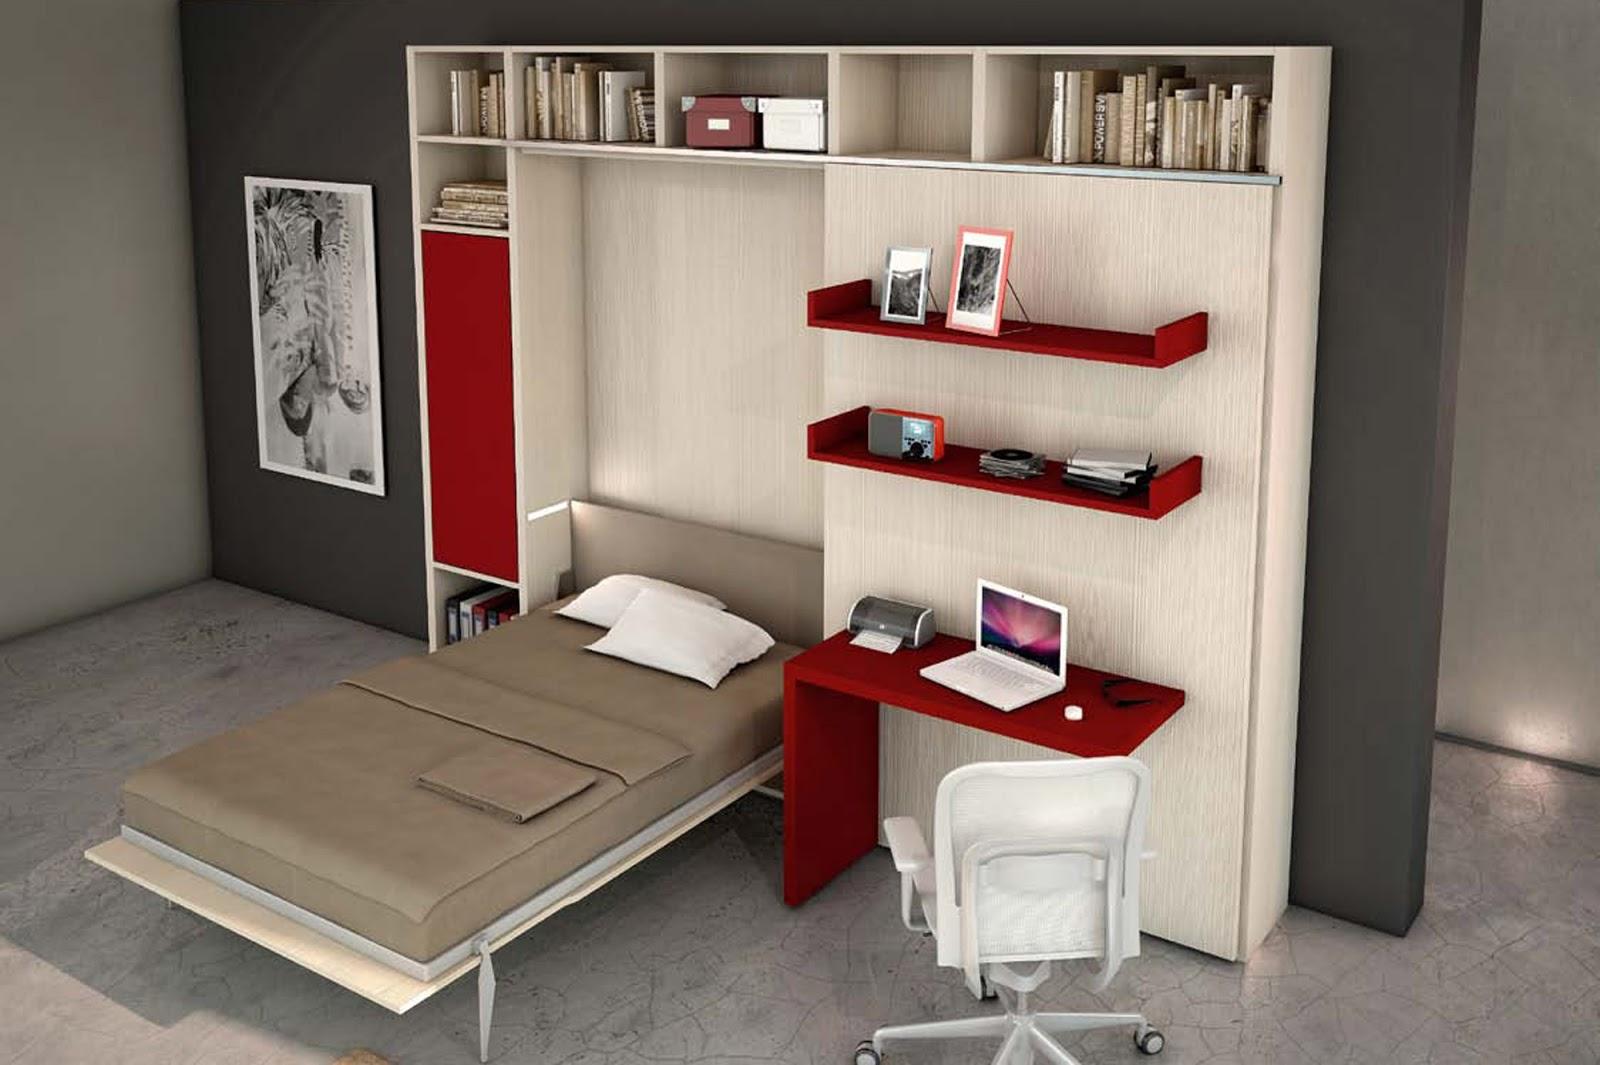 Soluzioni salvaspazio camera da letto: idee arredamento camera da ...